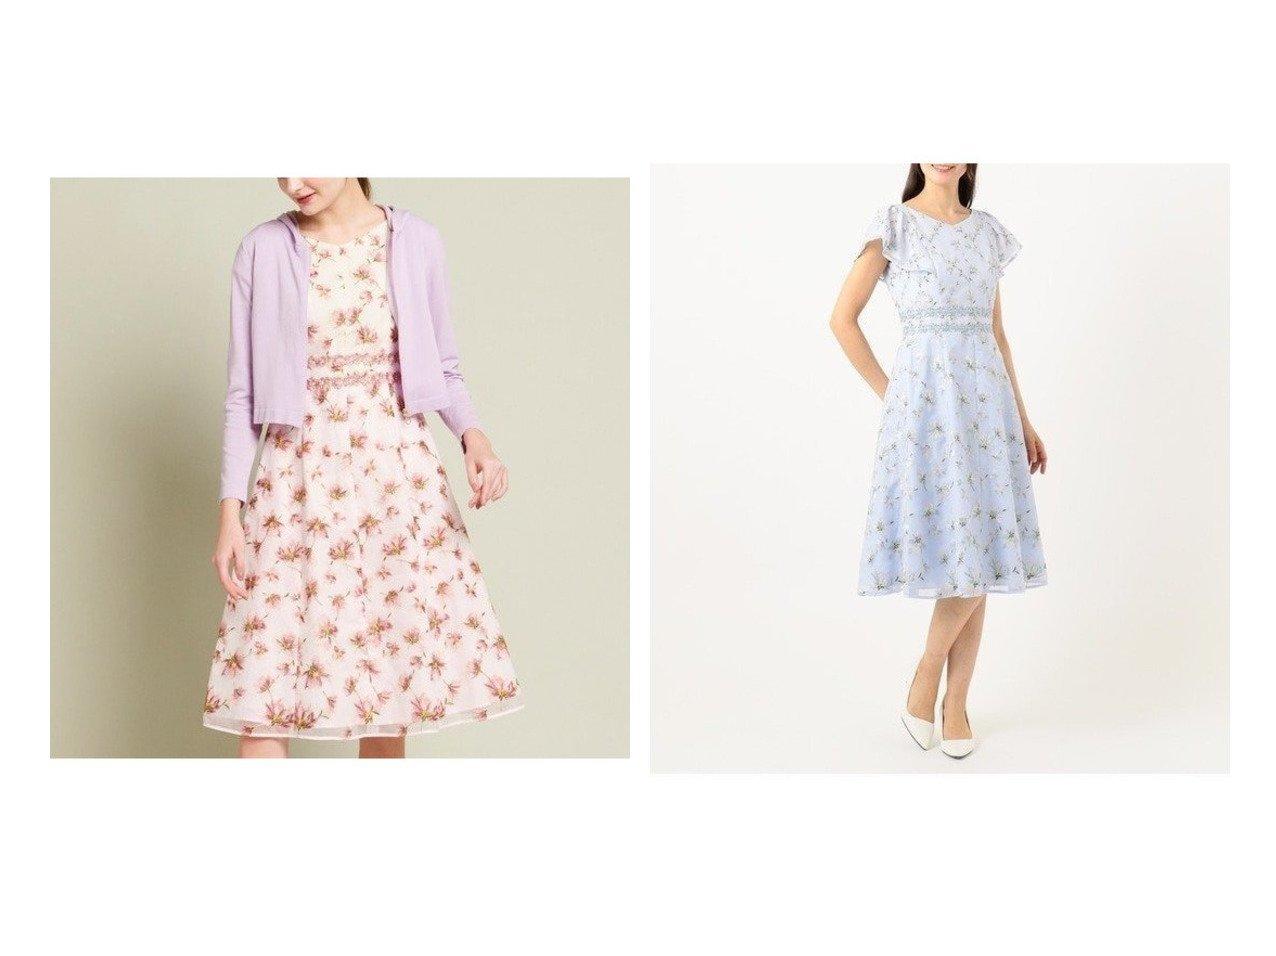 【TOCCA/トッカ】の【洗える!】MYRTLE ドレス ワンピース・ドレスのおすすめ!人気、トレンド・レディースファッションの通販  おすすめで人気の流行・トレンド、ファッションの通販商品 メンズファッション・キッズファッション・インテリア・家具・レディースファッション・服の通販 founy(ファニー) https://founy.com/ ファッション Fashion レディースファッション WOMEN ワンピース Dress ドレス Party Dresses NEW・新作・新着・新入荷 New Arrivals 送料無料 Free Shipping 2021年 2021 2021 春夏 S/S SS Spring/Summer 2021 ドレス 洗える |ID:crp329100000022768